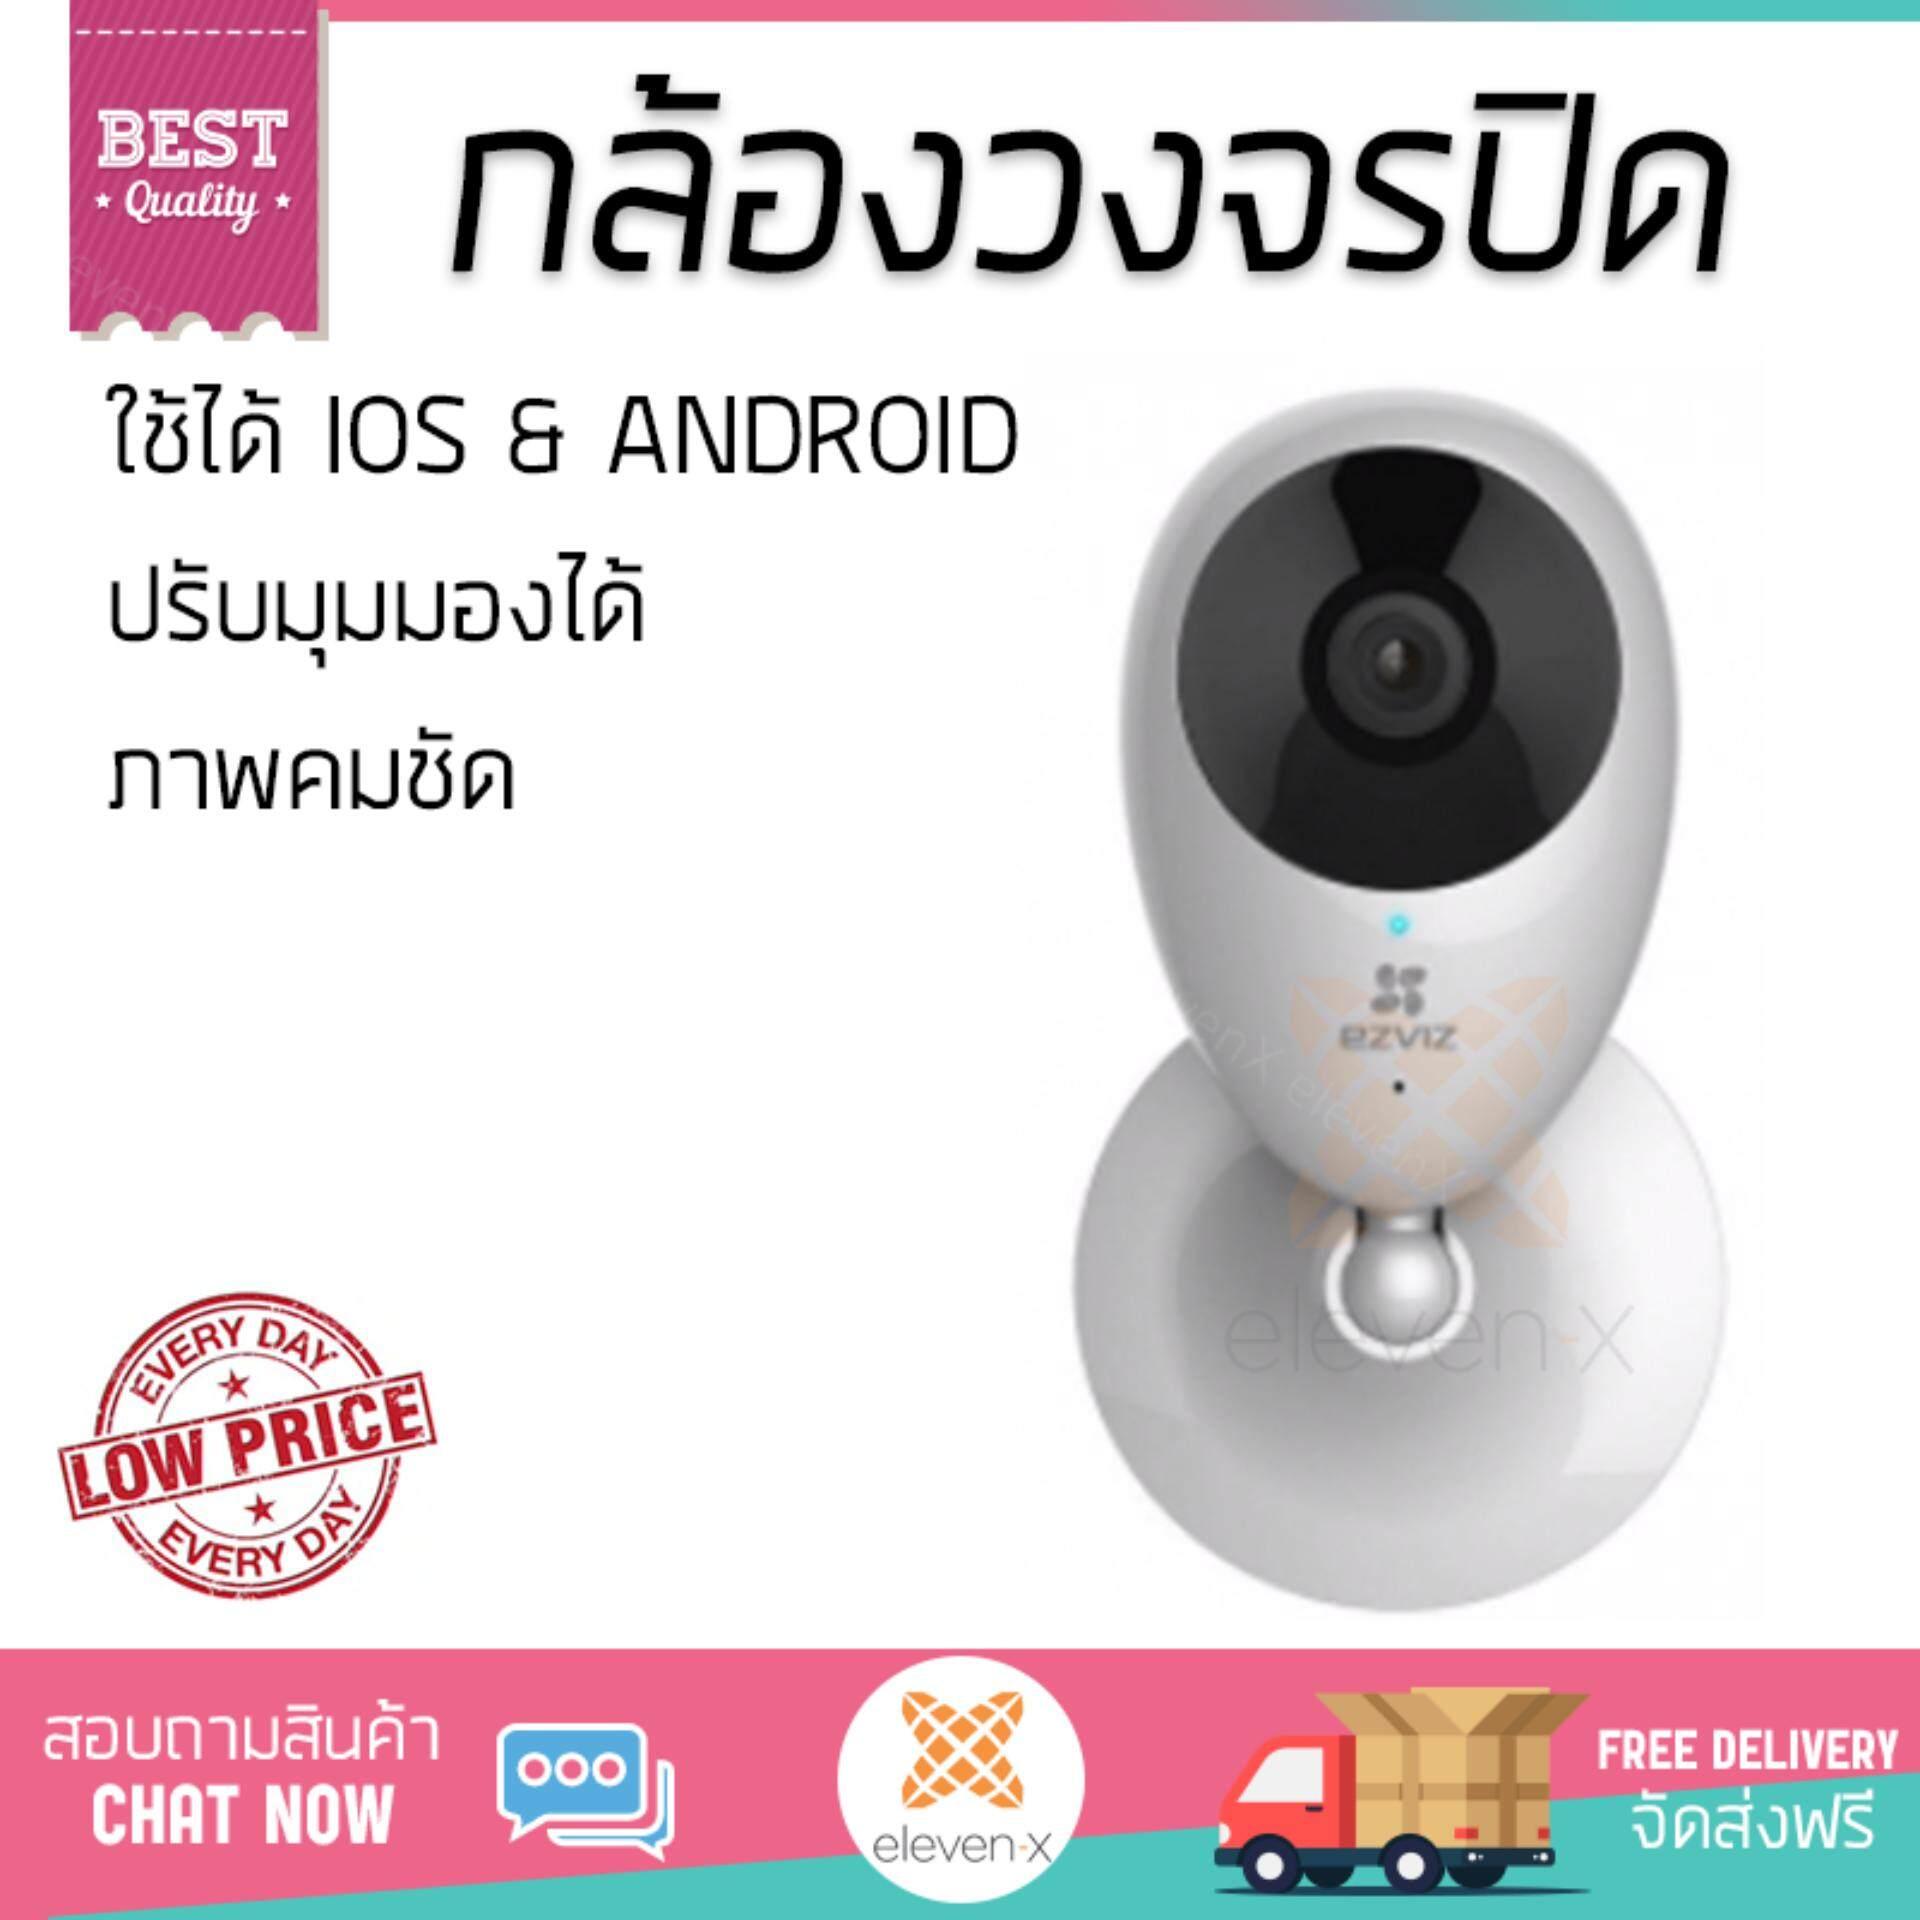 สุดยอดสินค้า!! โปรโมชัน กล้องวงจรปิด           EZVIZ กล้องวงจรปิด (สีขาว) รุ่น Mini O C2C             ภาพคมชัด ปรับมุมมองได้ กล้อง IP Camera รับประกันสินค้า 1 ปี จัดส่งฟรี Kerry ทั่วประเทศ